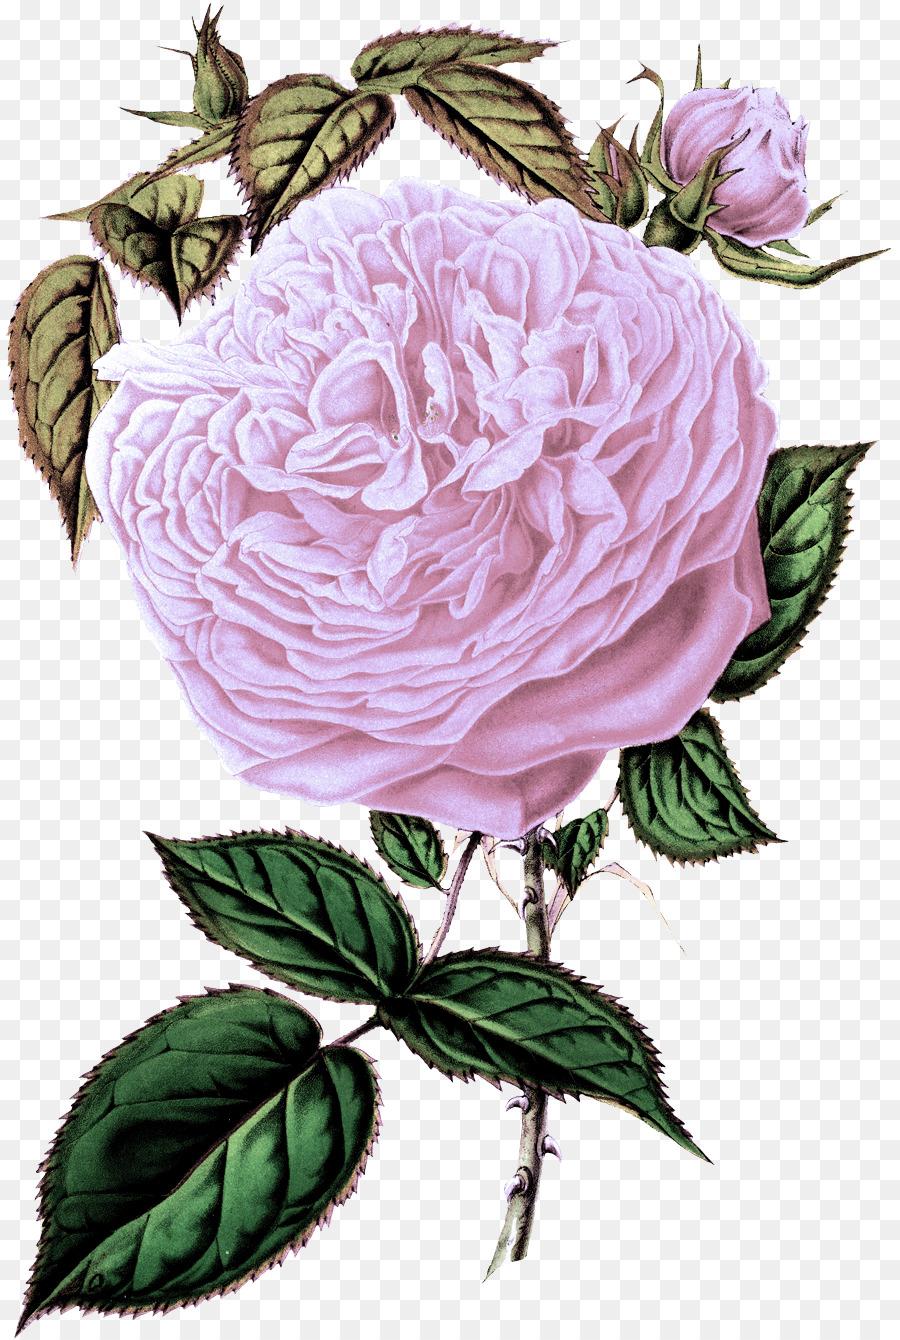 Descarga gratuita de Flor, Las Rosas De Jardín, Rosa imágenes PNG